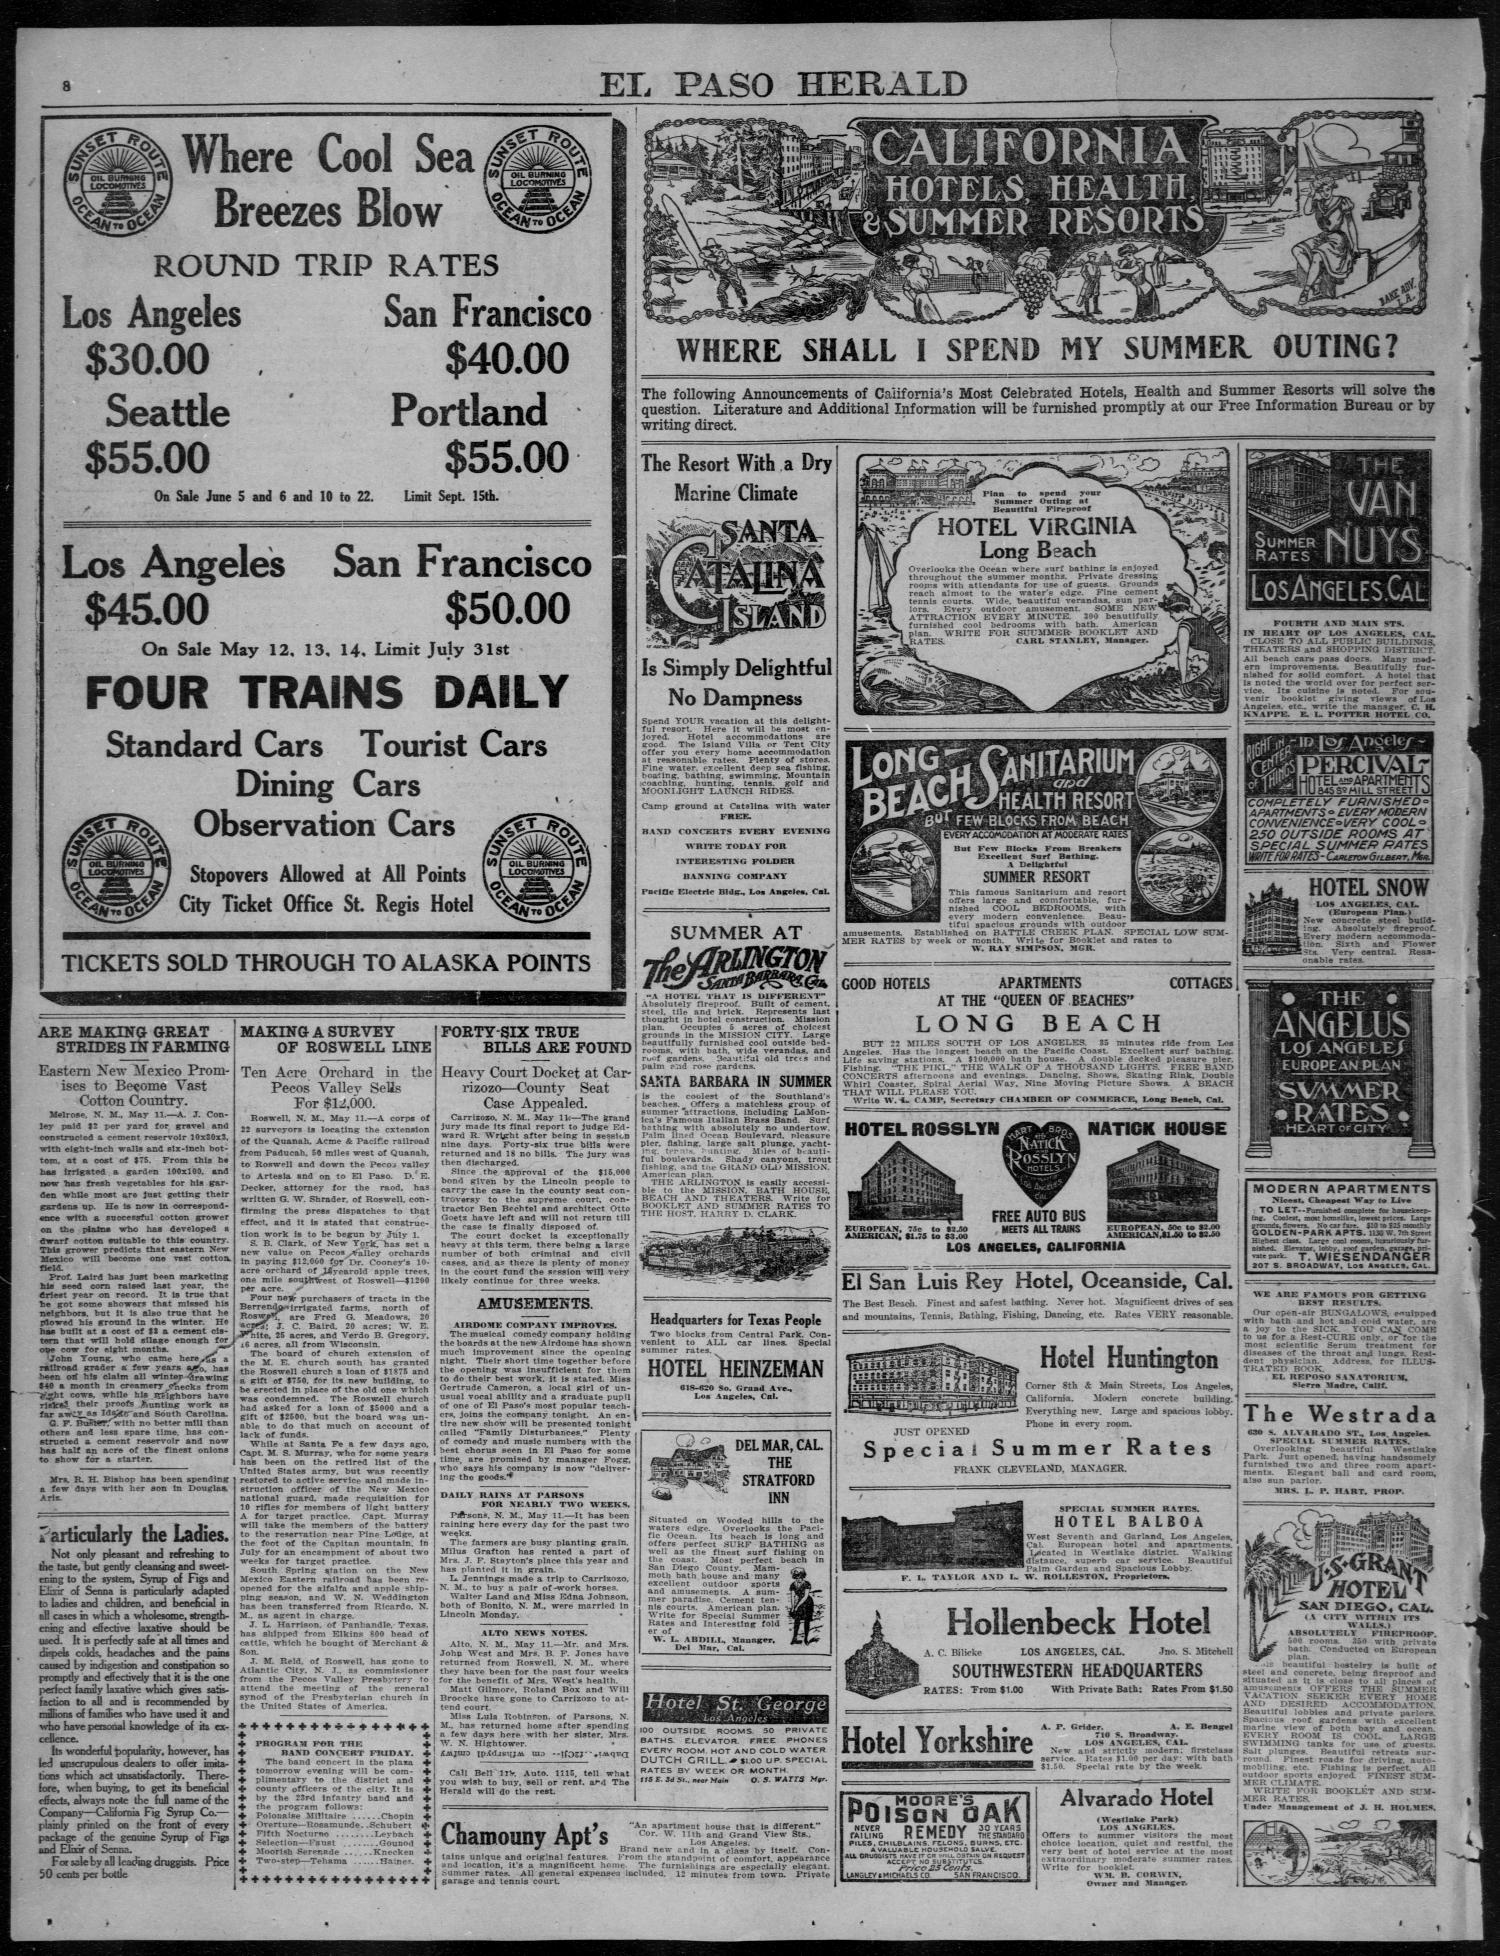 El Paso Herald (El Paso, Tex ), Ed  1, Thursday, May 11